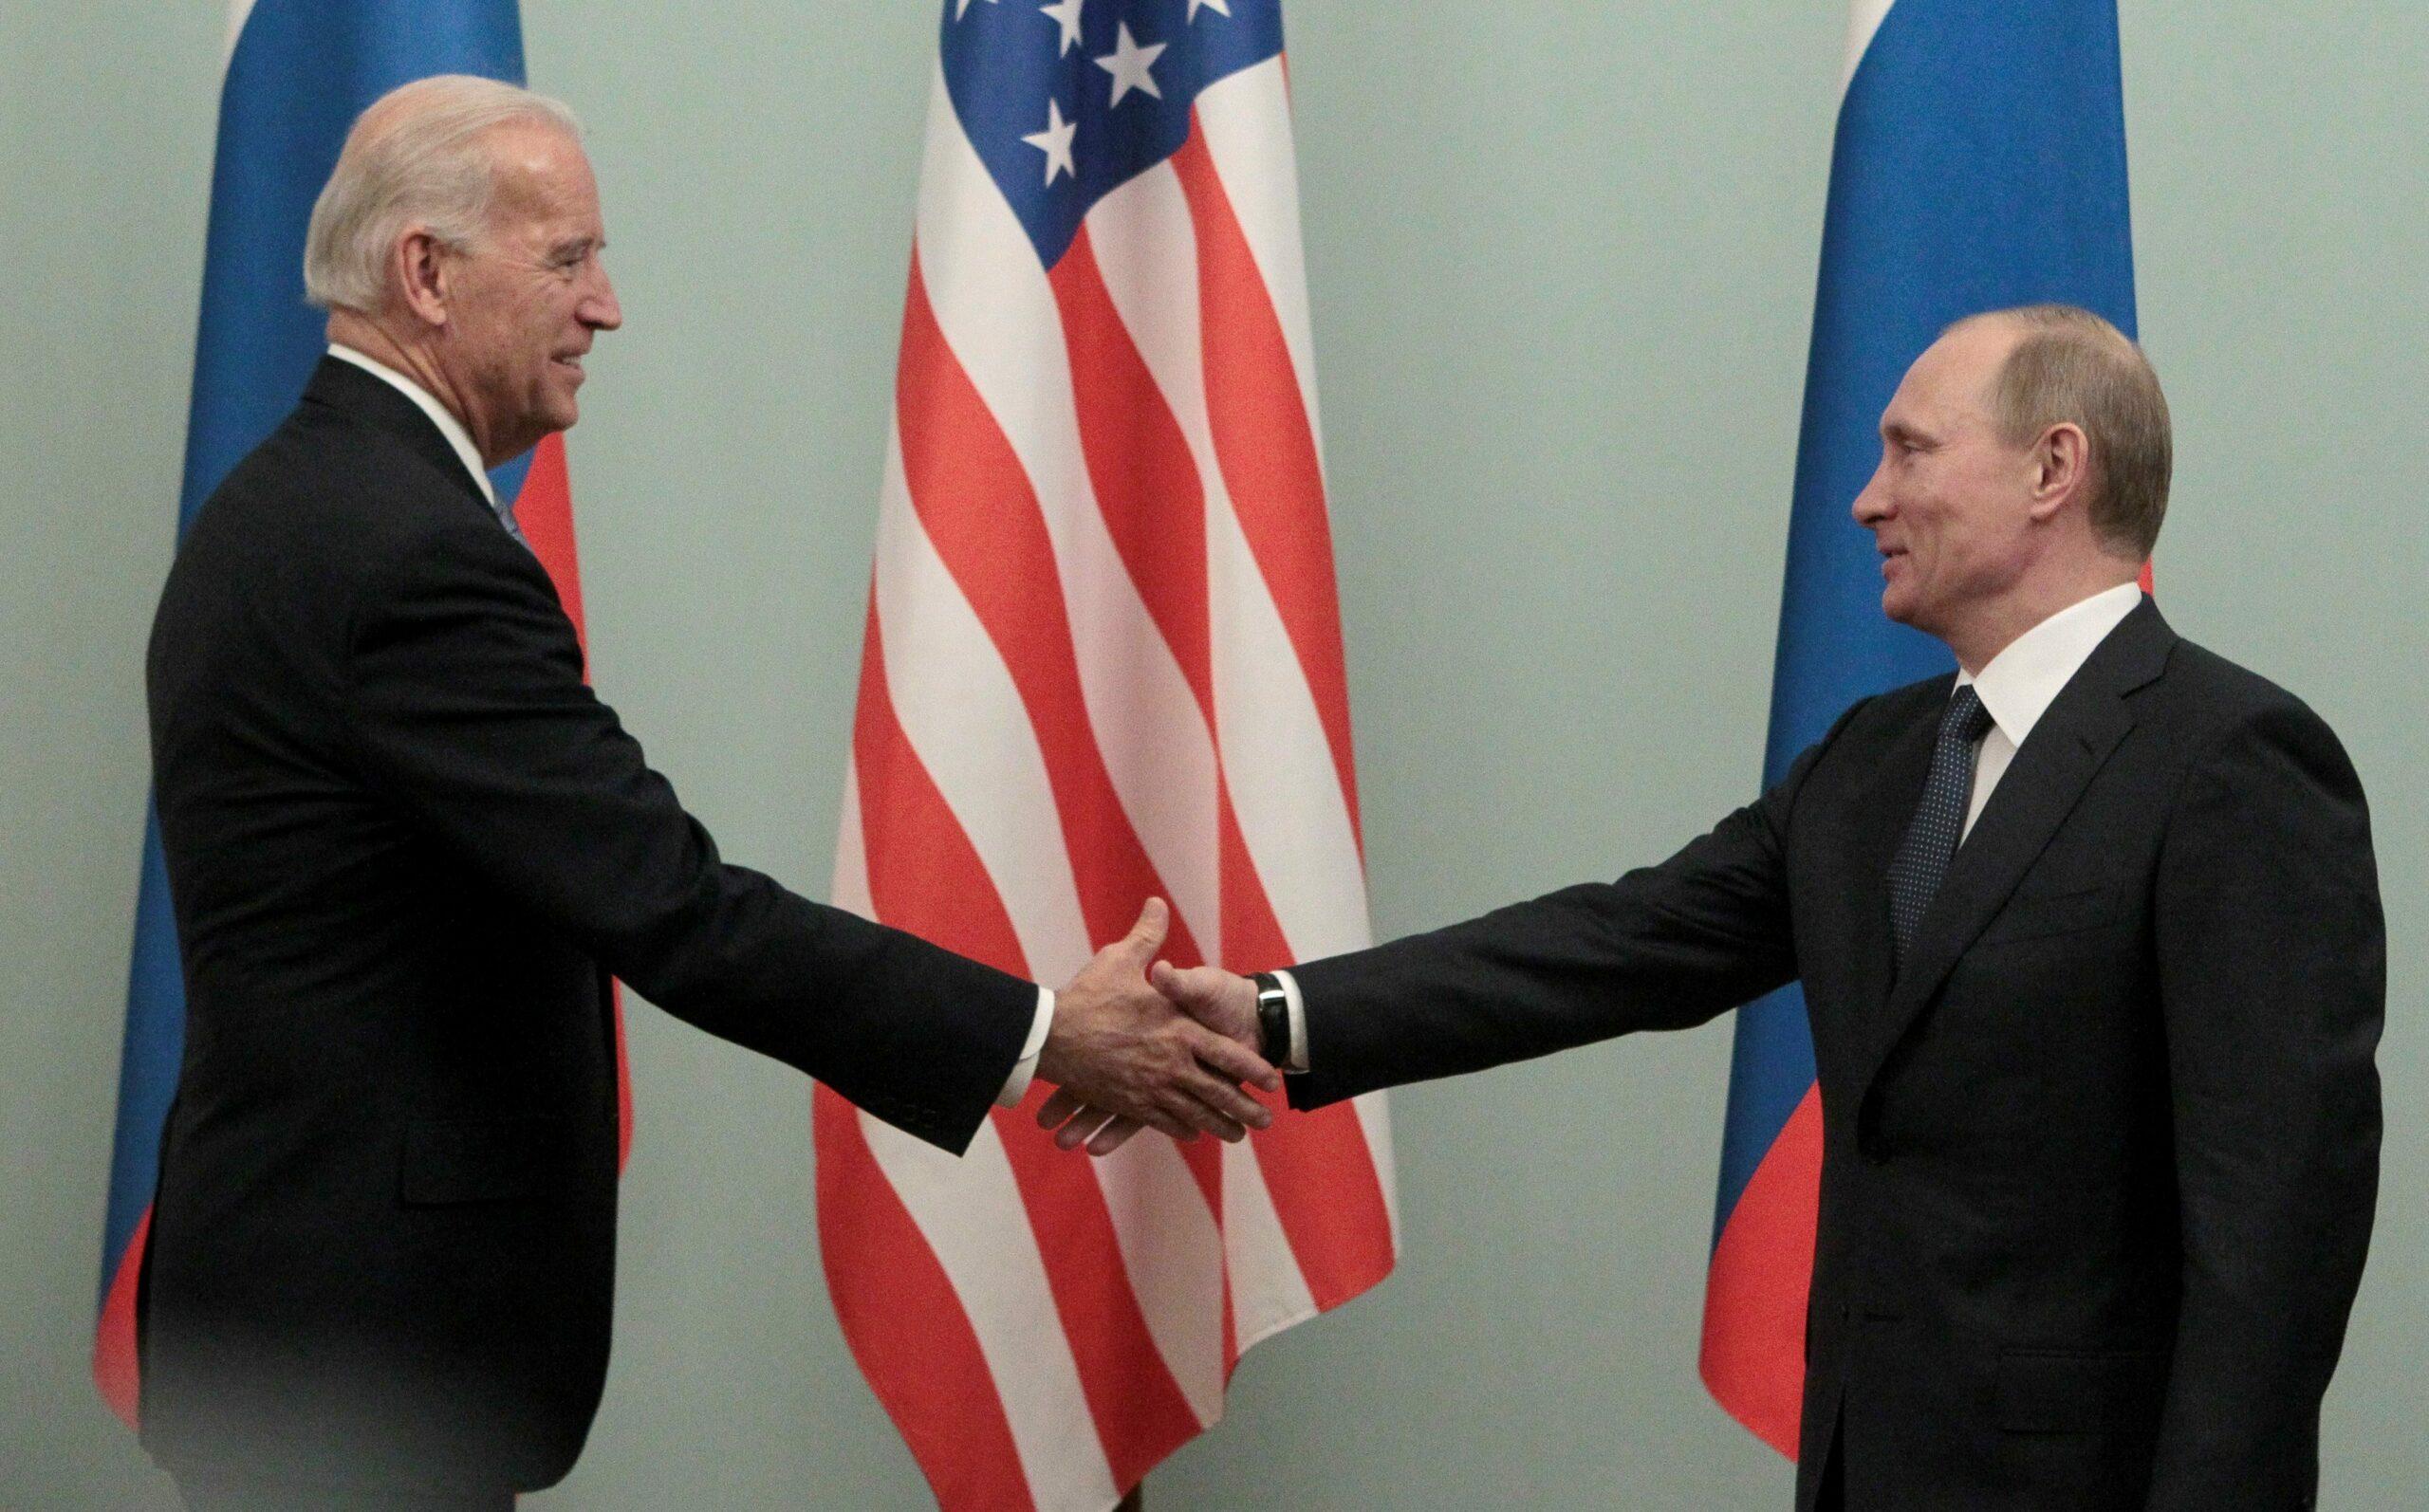 """รัสเซียประท้วงมะกัน เรียกทูตกลับ หลังไบเดนเรียกปูติน """"ฆาตกร"""""""